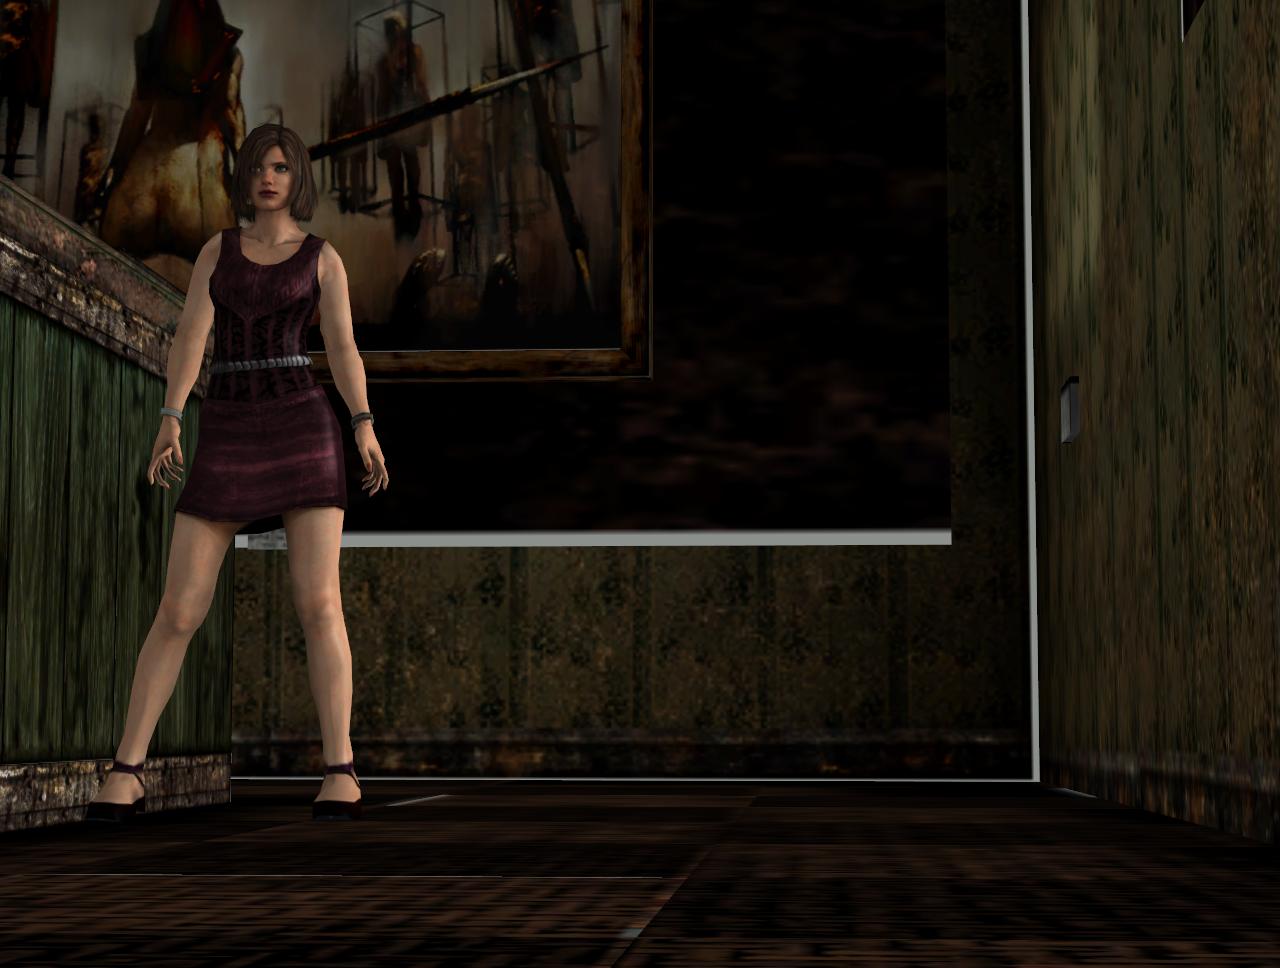 Tag: Silent Hill - E-Hentai Galleries